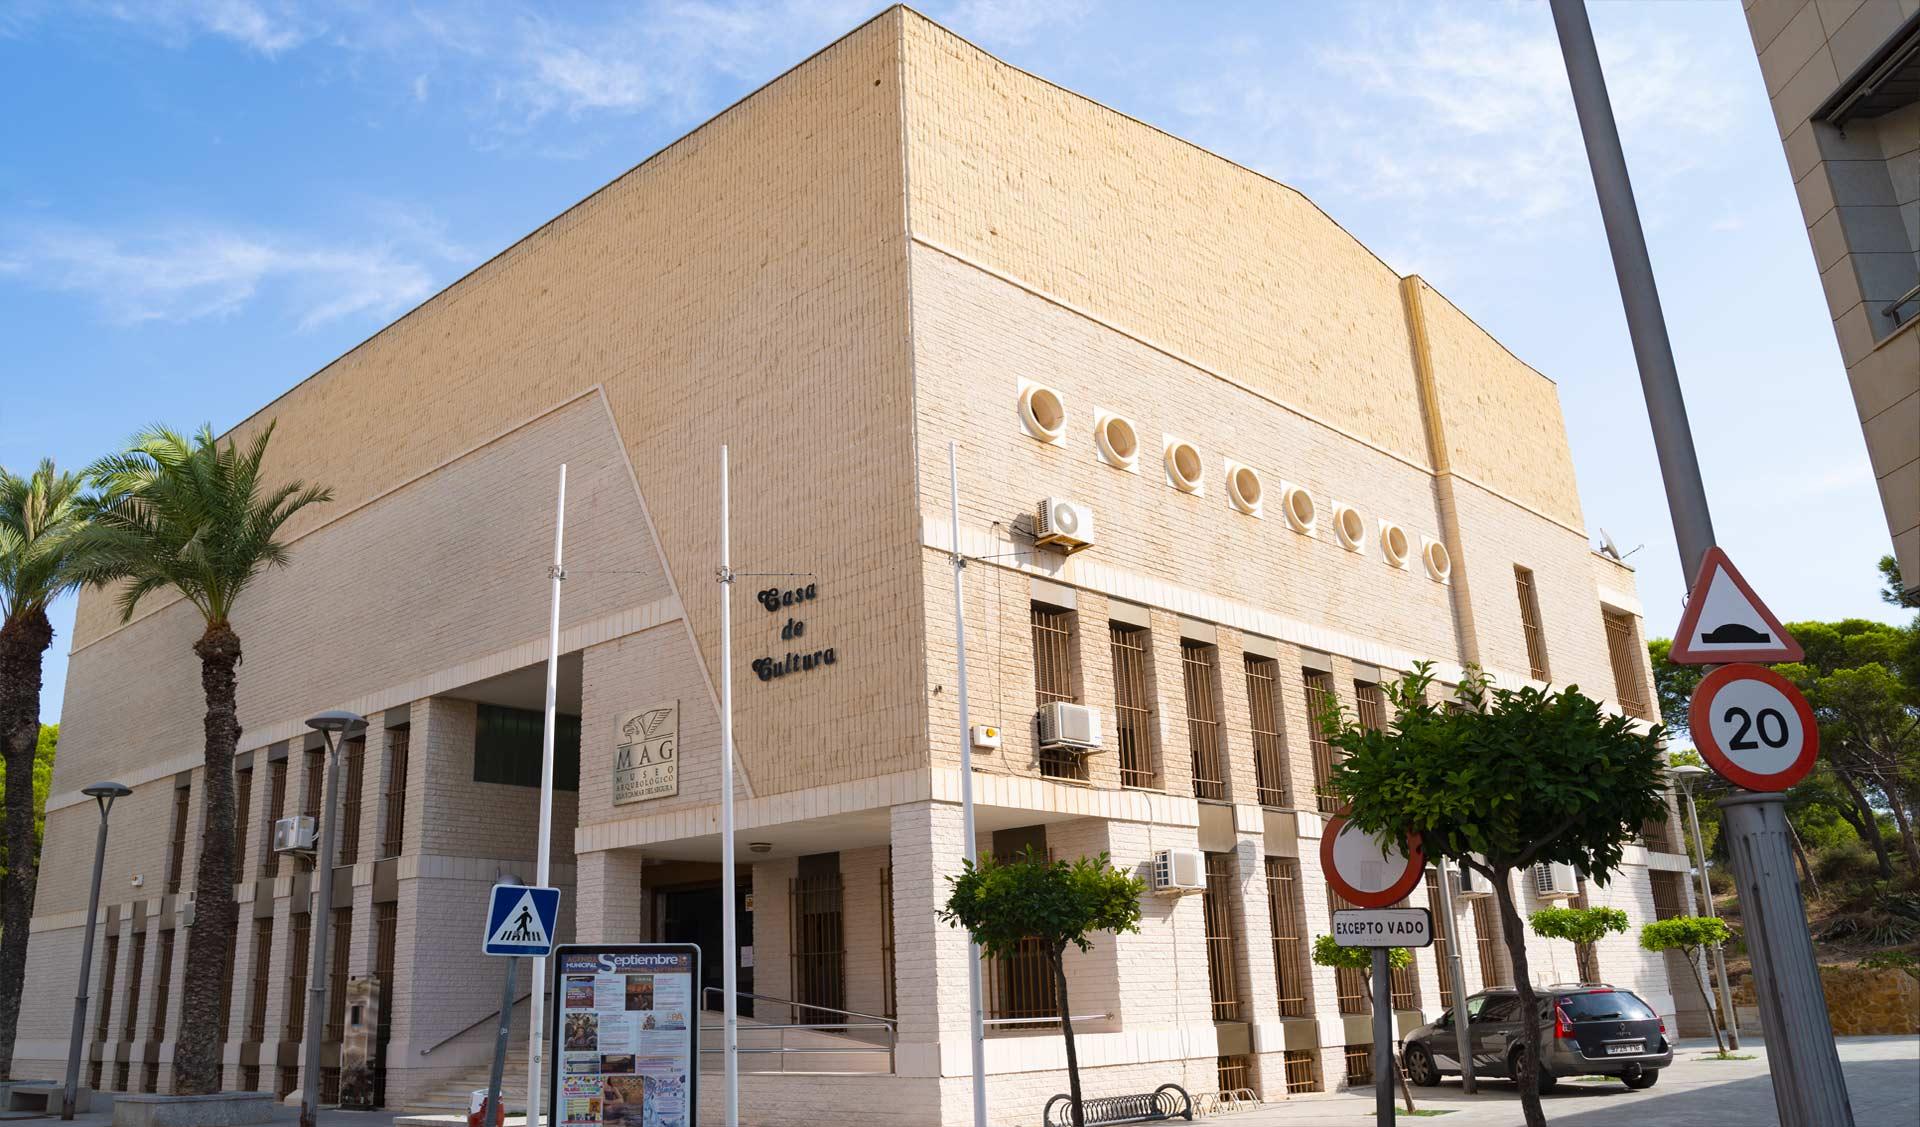 Casa de Cultura de Guardamar del Segura